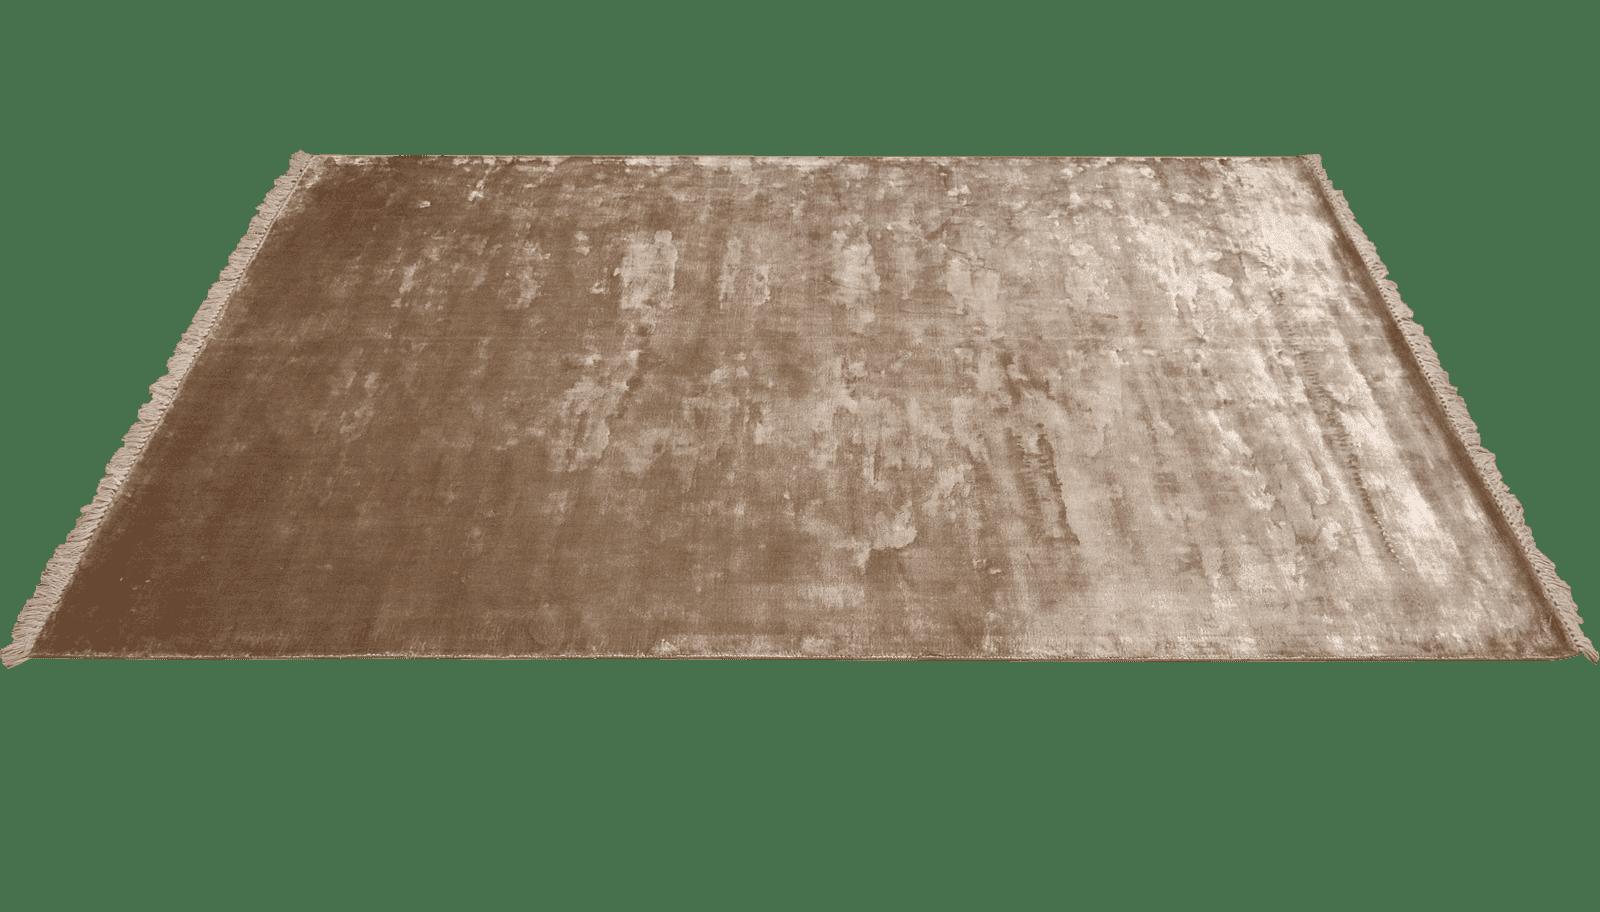 monalisa-design-tapijt-moderne-tapijten-handgeknoopte-design-exclusieve-luxe-vloerkleden-bruin-grijs-taupe-300x200-koreman-maastricht-3978-midden.png